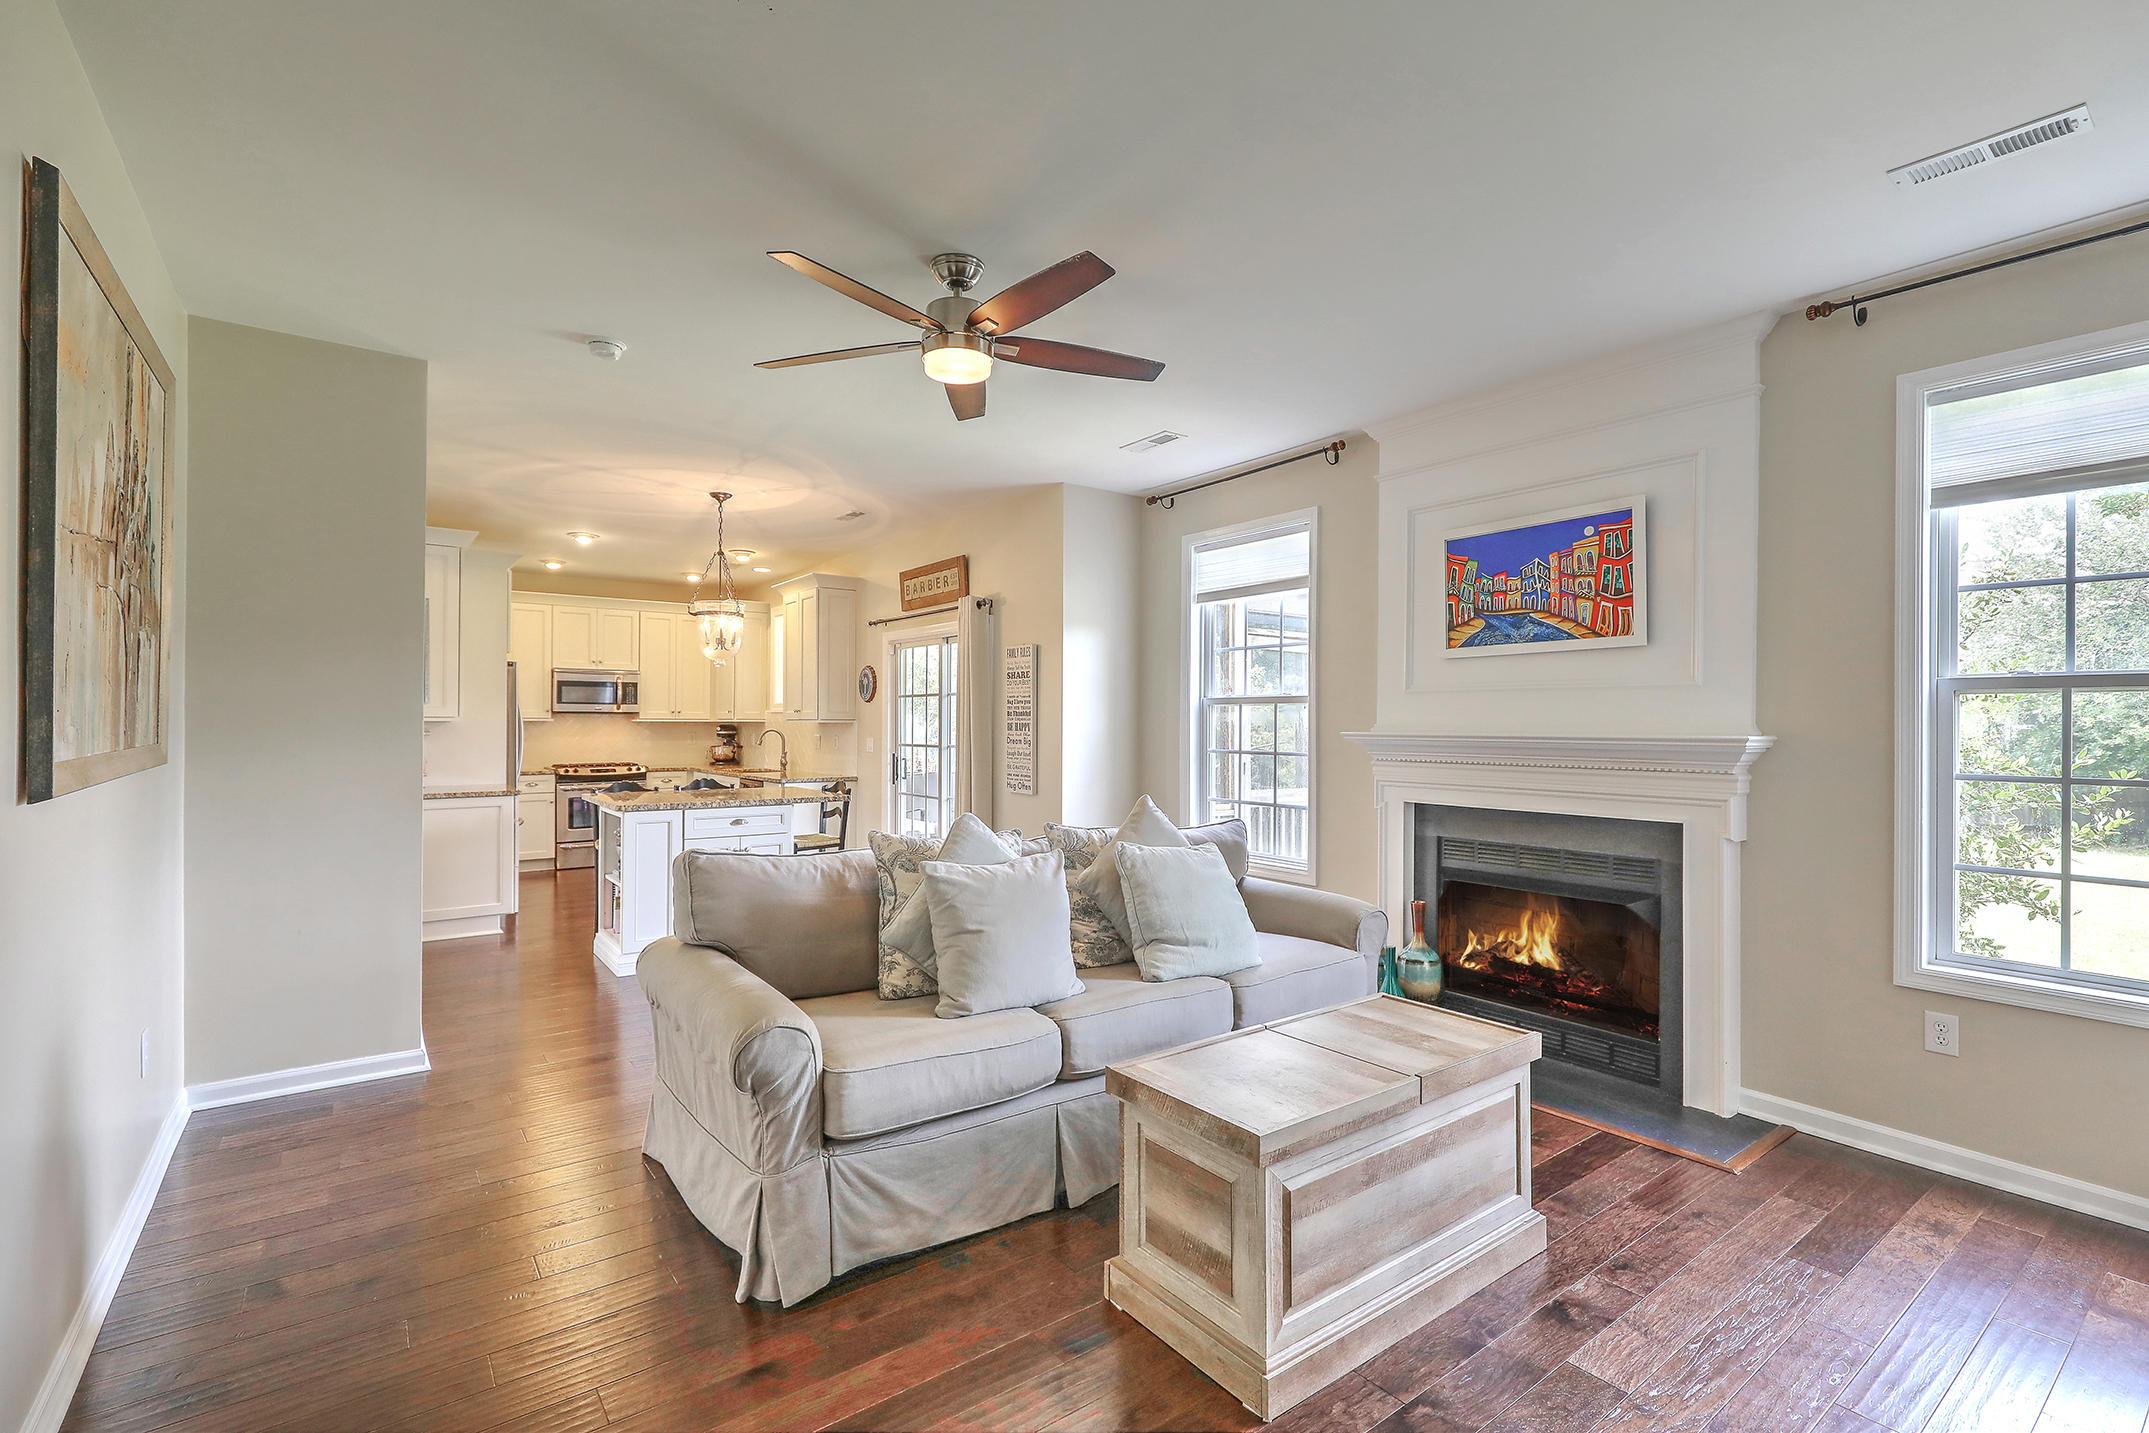 Park West Homes For Sale - 1676 Jorrington, Mount Pleasant, SC - 31